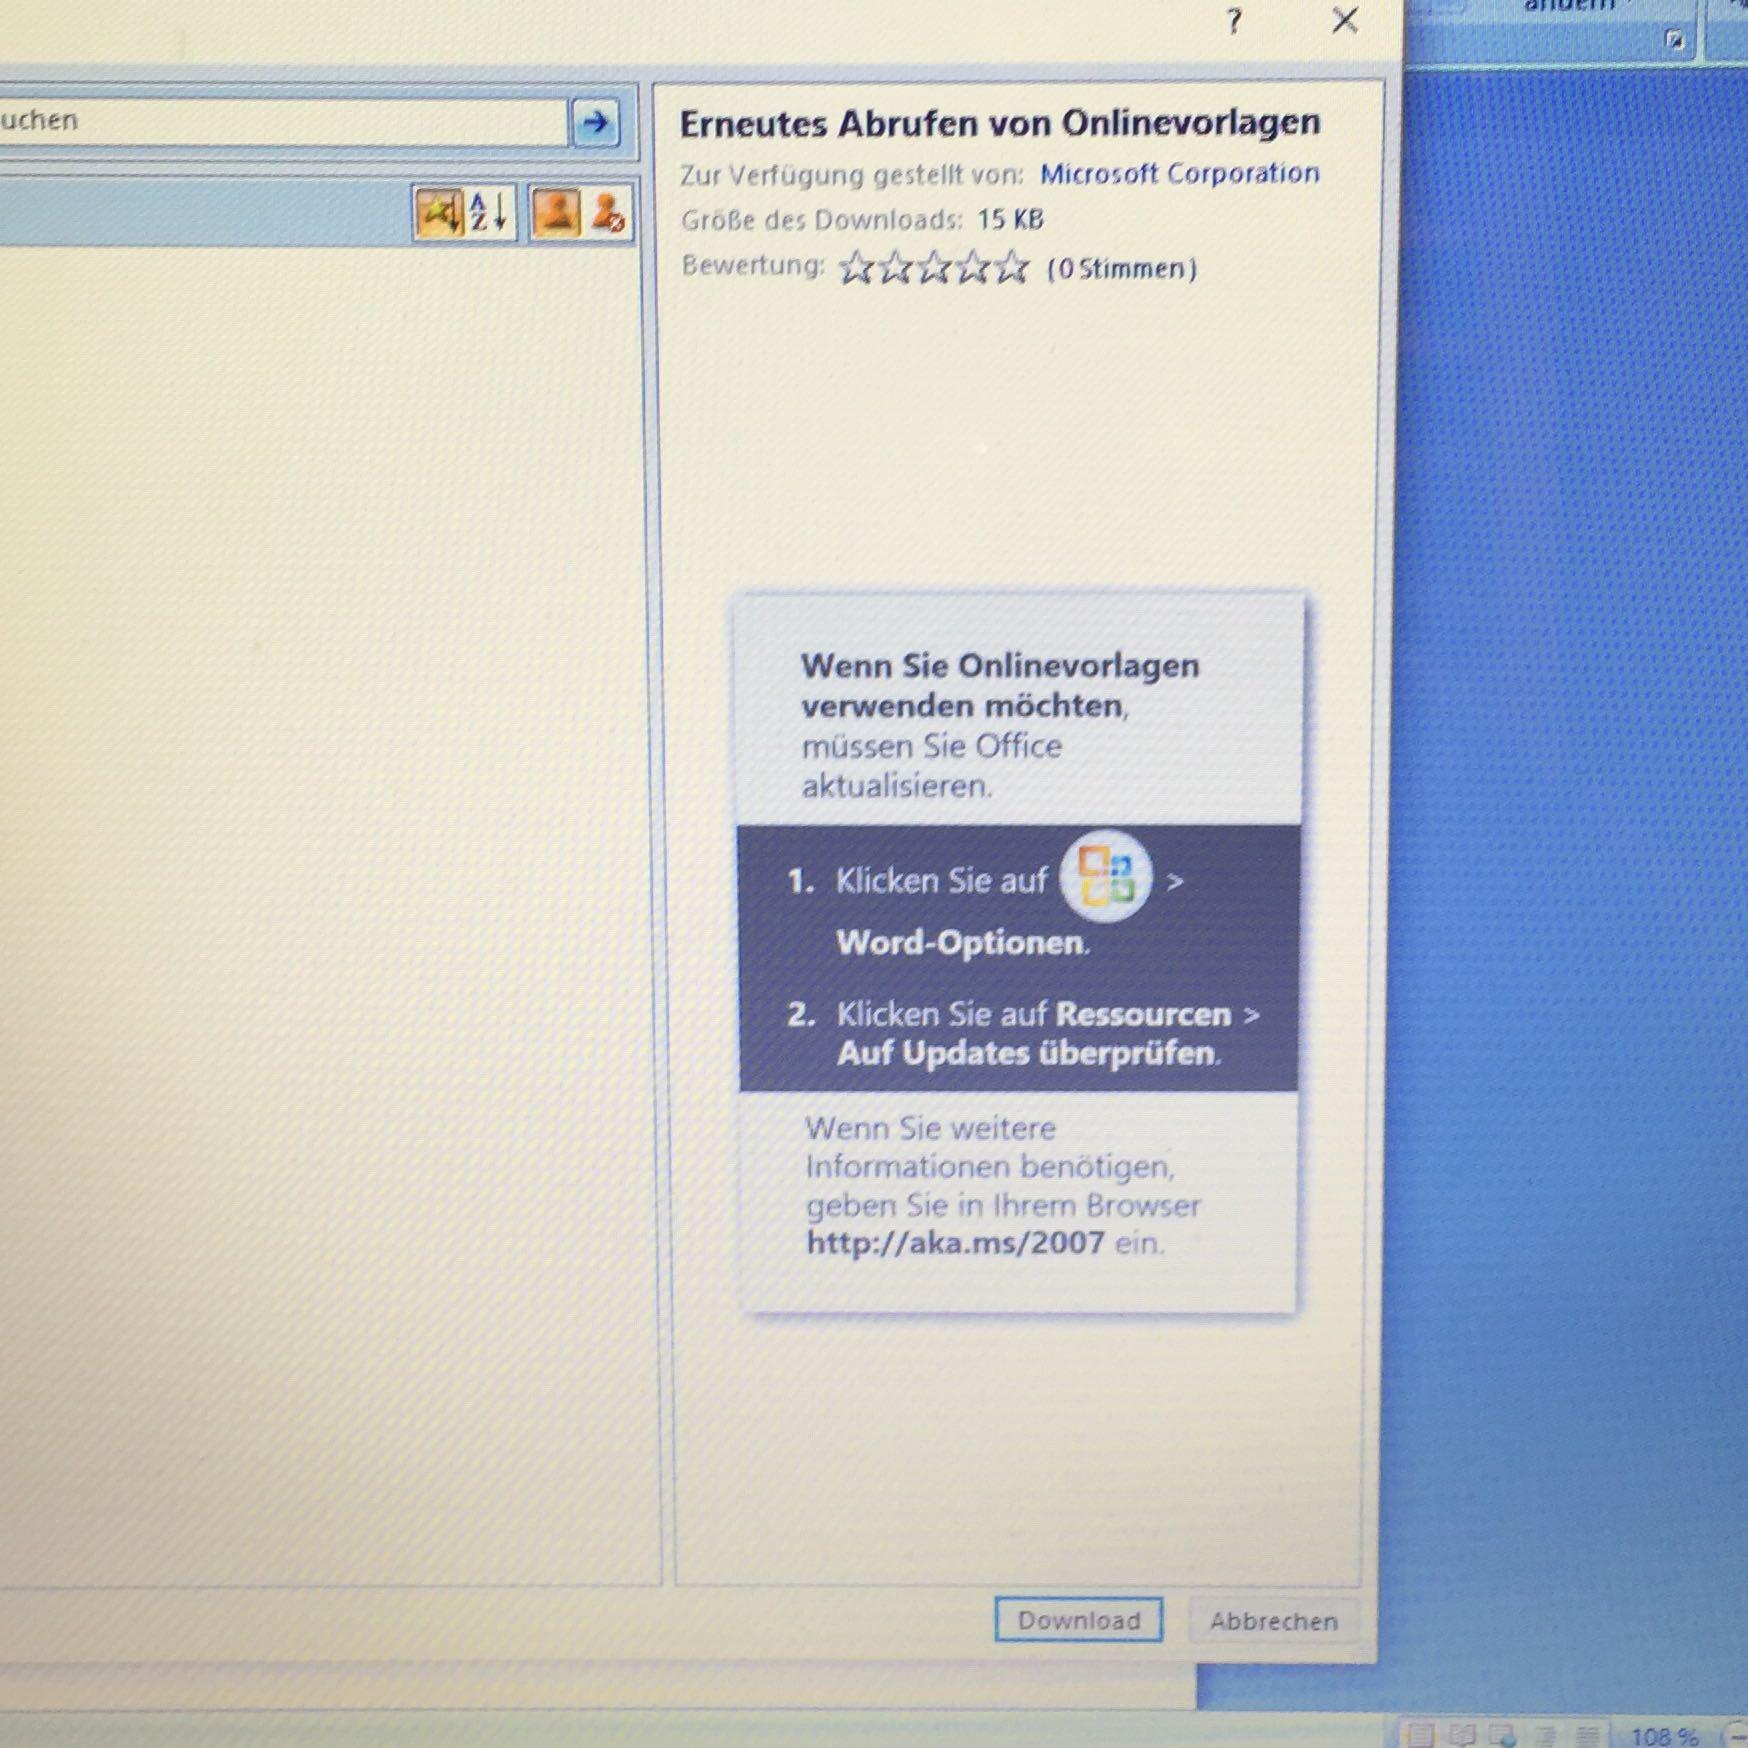 Microsoft Office Word 2007 online Vorlagen gehen nicht mehr? (Software)